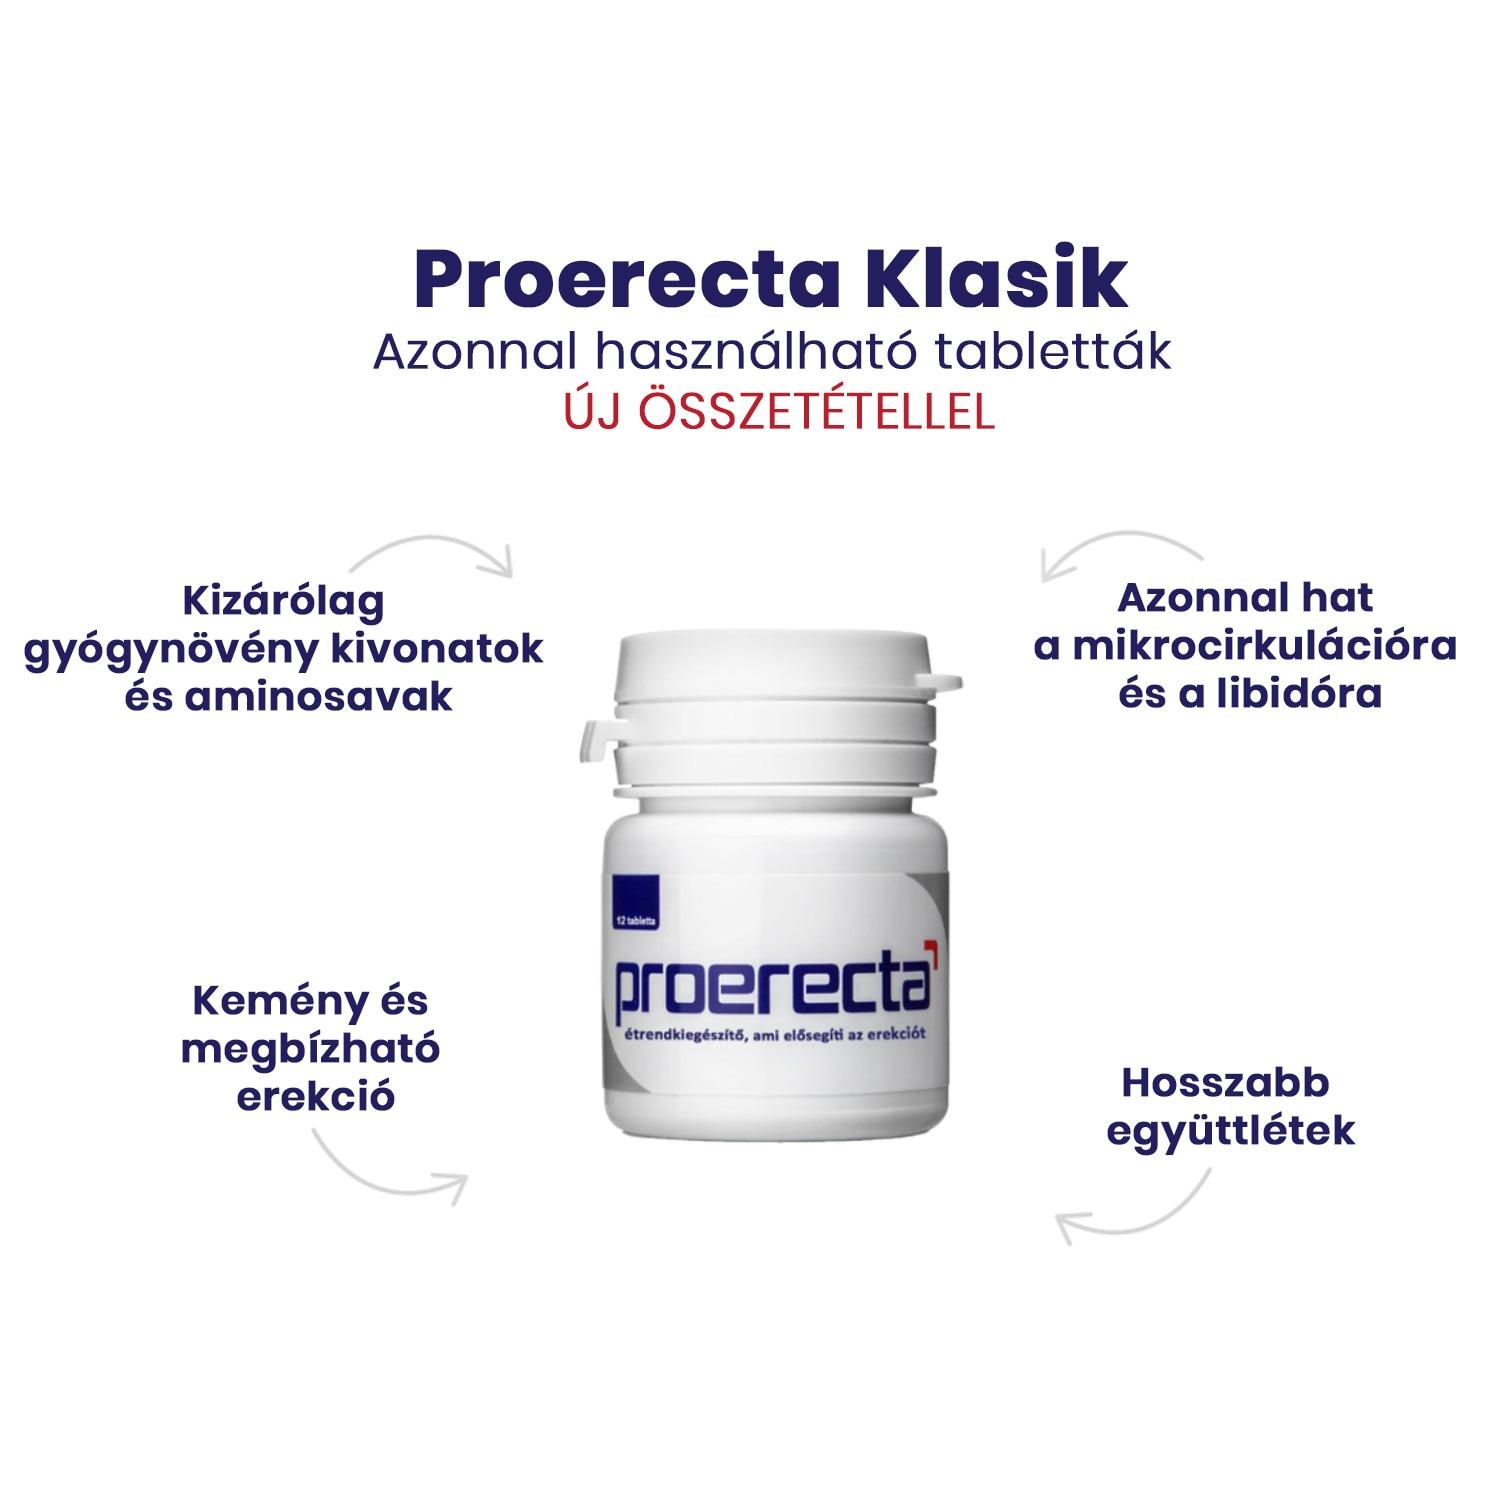 A legjobb potencianövelő tabletták - Teszt   pica.hu